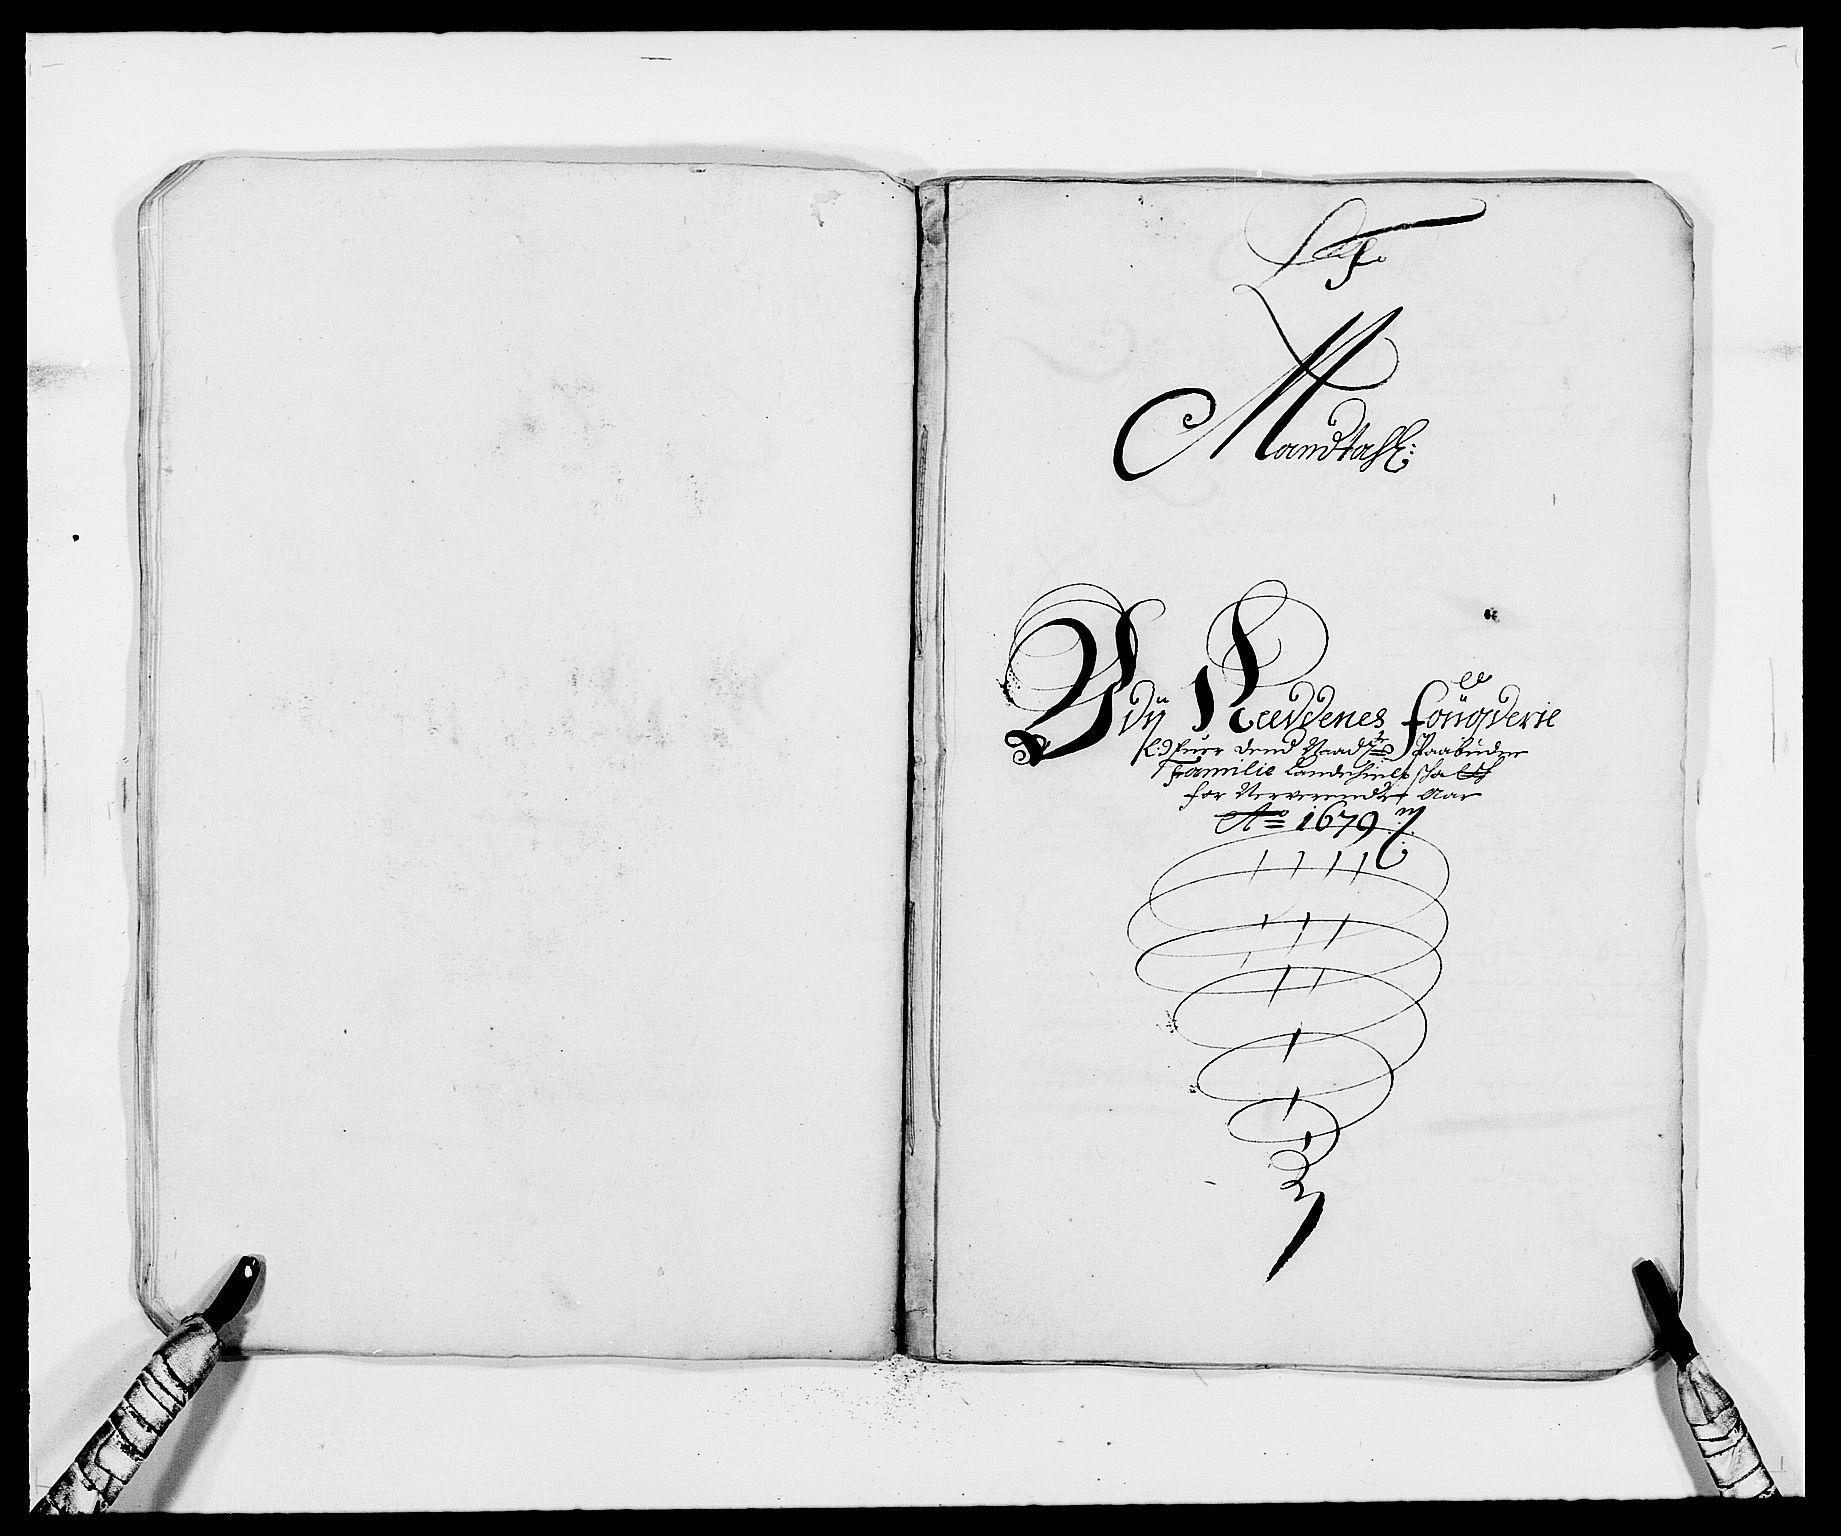 RA, Rentekammeret inntil 1814, Reviderte regnskaper, Fogderegnskap, R39/L2303: Fogderegnskap Nedenes, 1679, s. 113